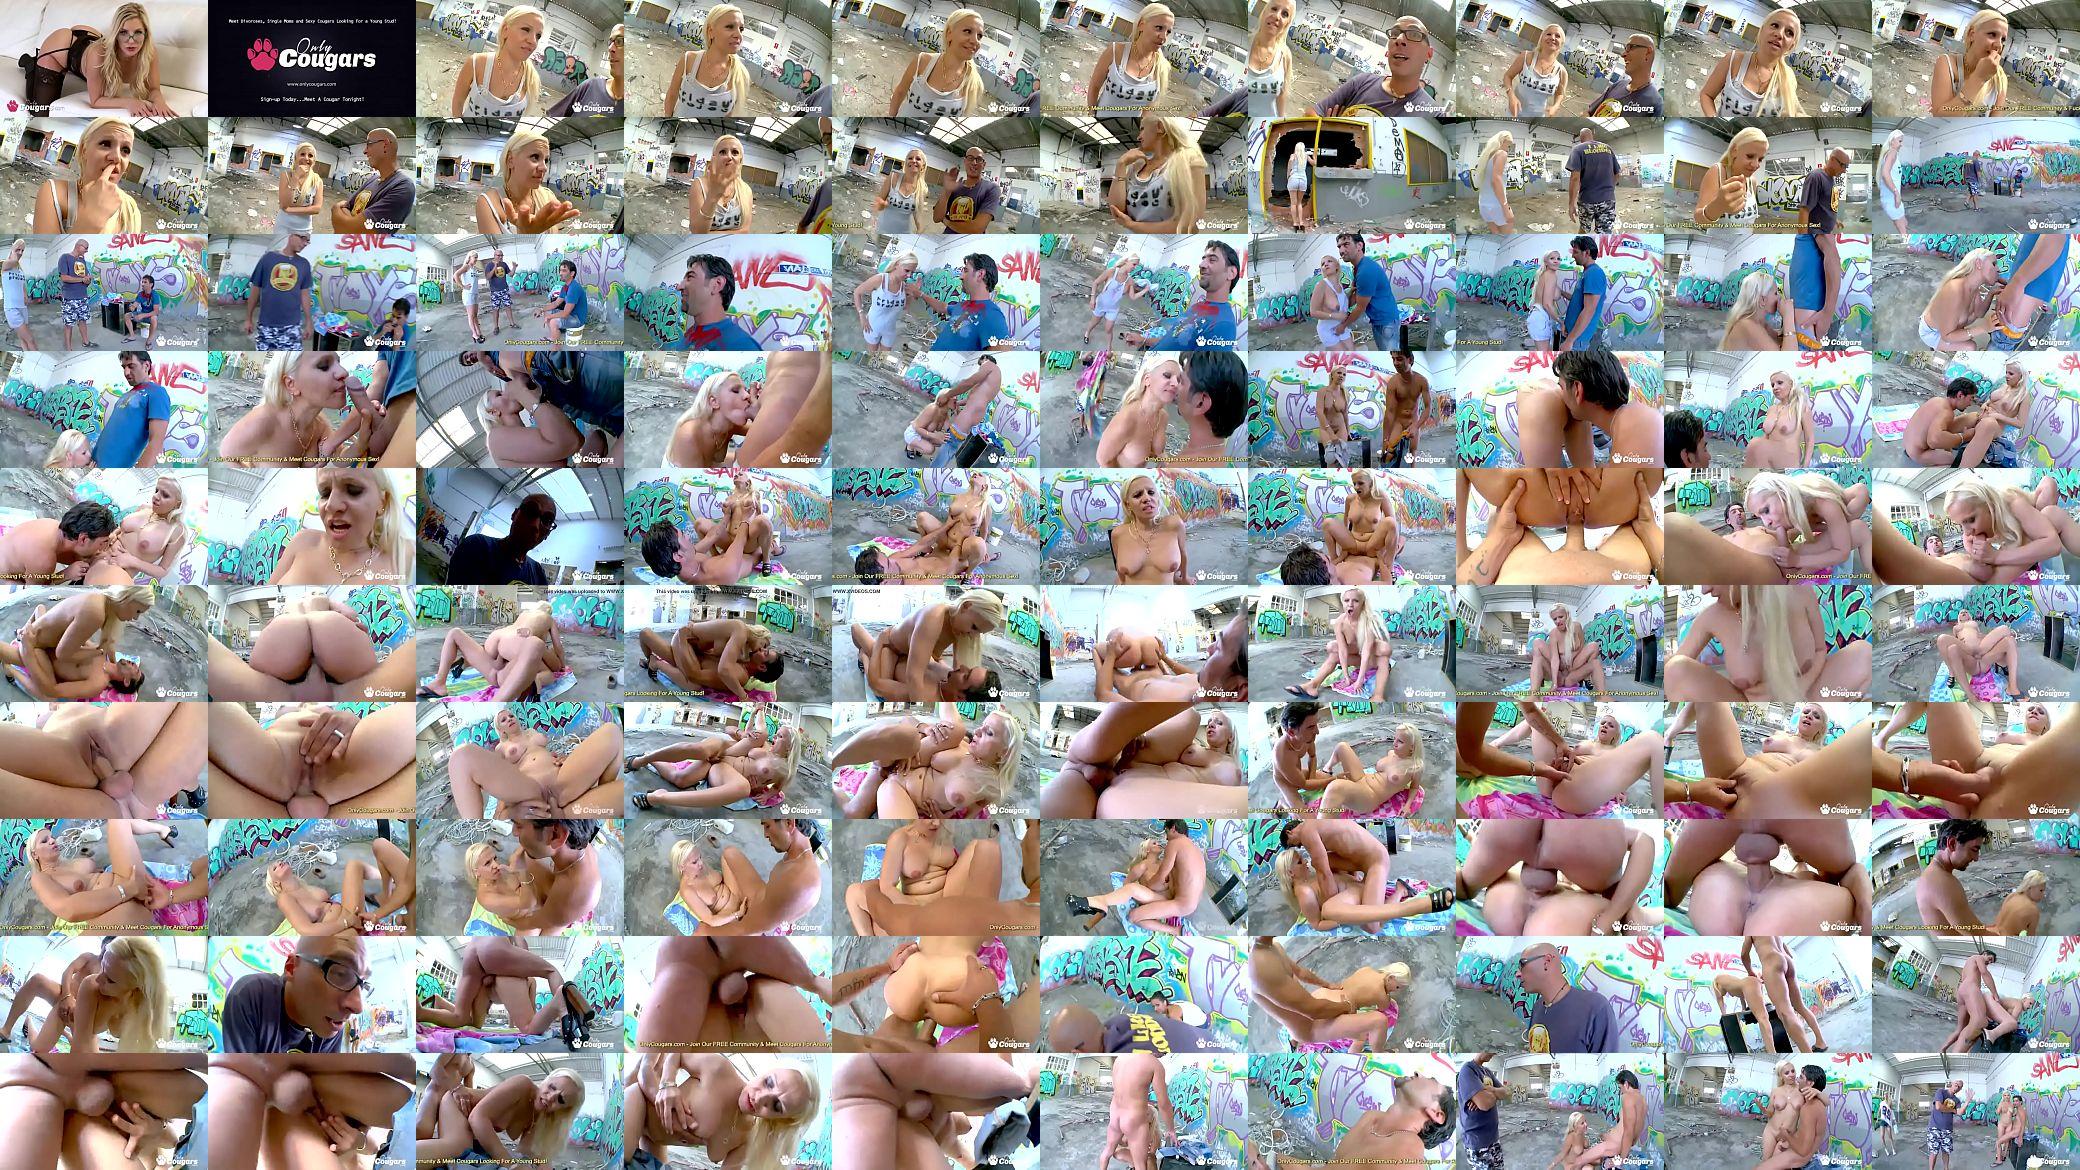 Actriz Porno Culo Cougar milf debora x talked into fucking for cash - xvideos